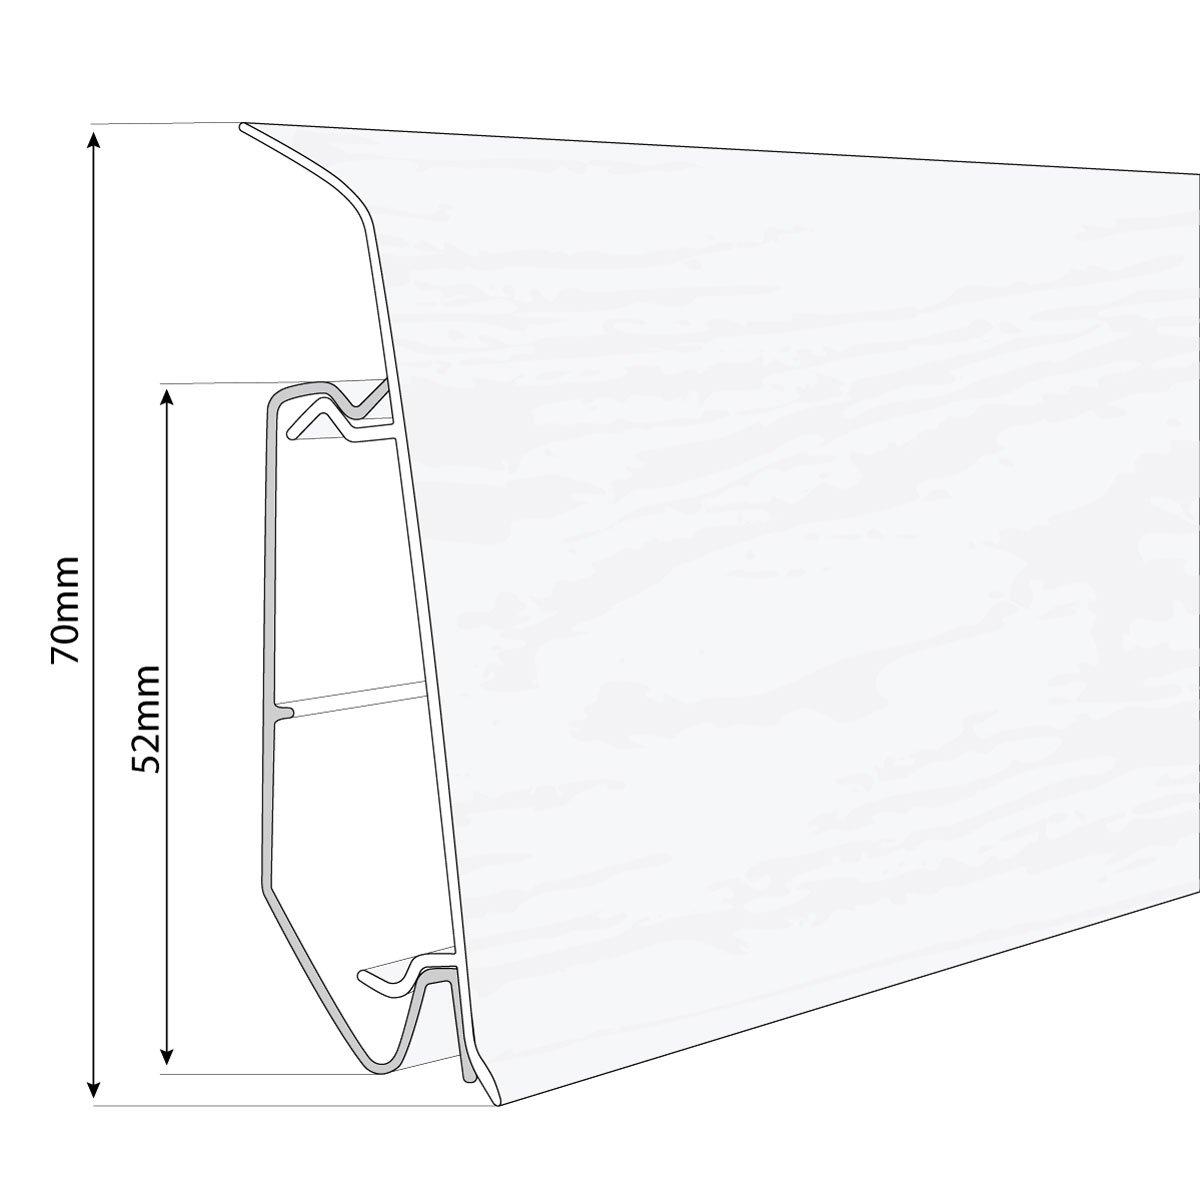 HOLZBRINK Innenecke passend zum Dekor Ihrer Sockelleiste Fussleiste VEO 021 RUSTIKAL EICHE